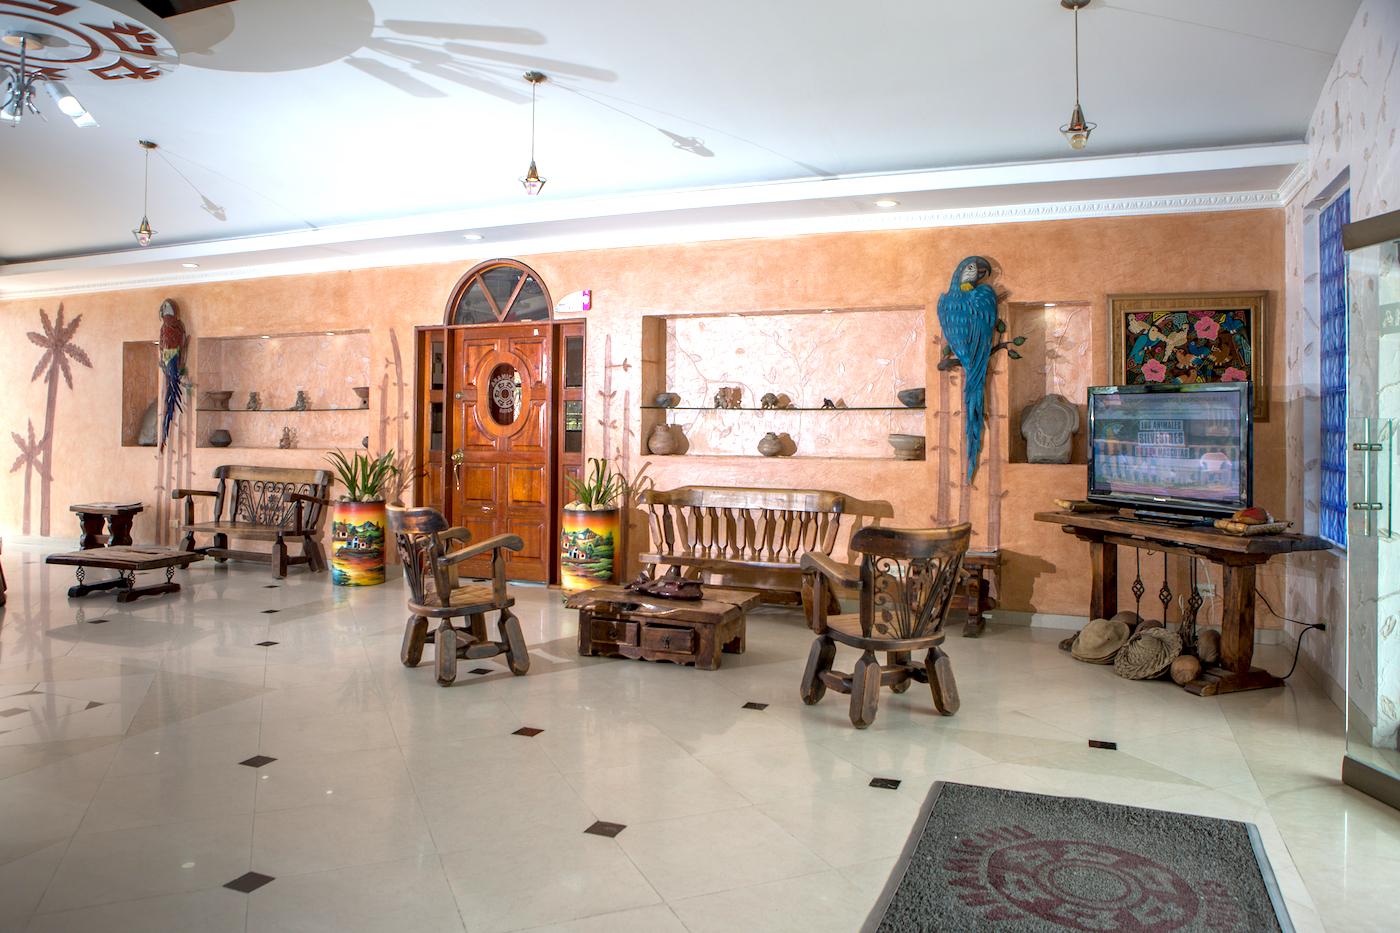 Recepcion hotel anamichu suites